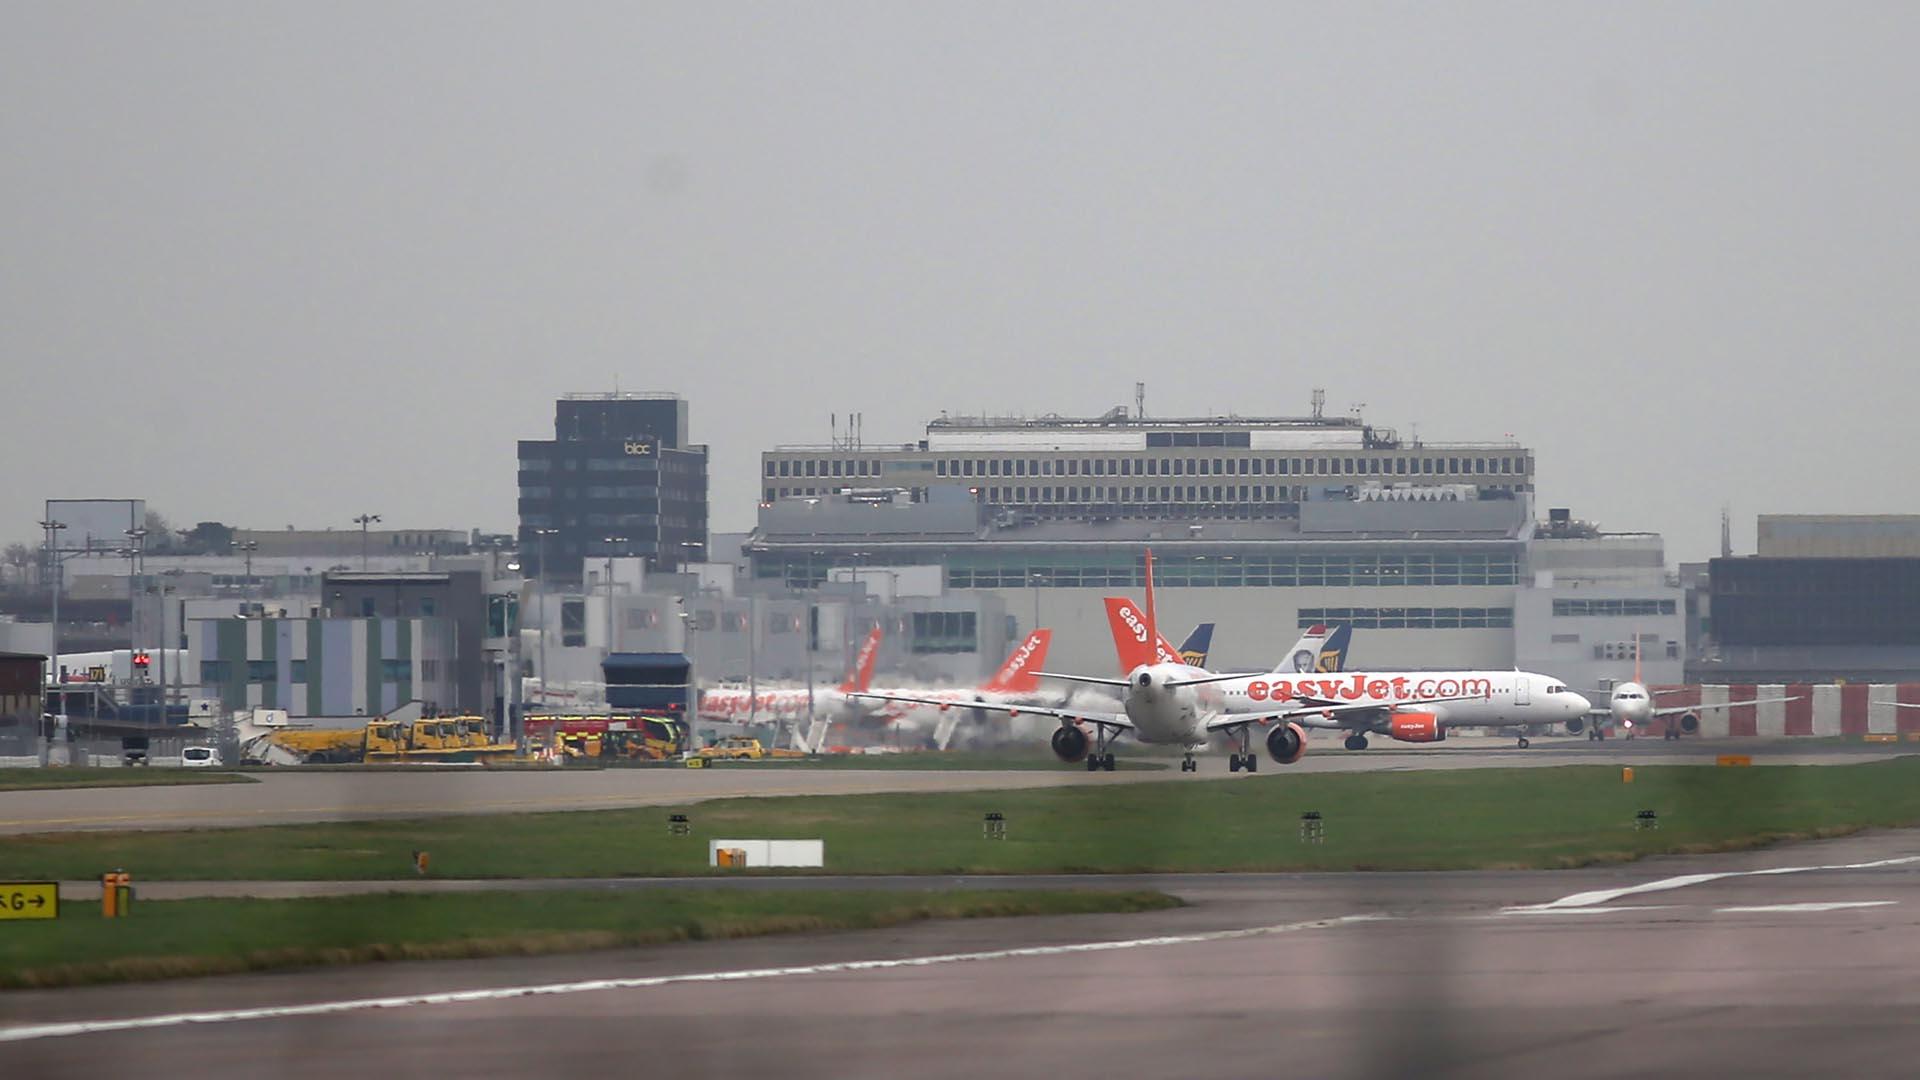 La explosión ocurrió en el área de aparcamiento de los aviones. Aún se desconoce las causas del hecho